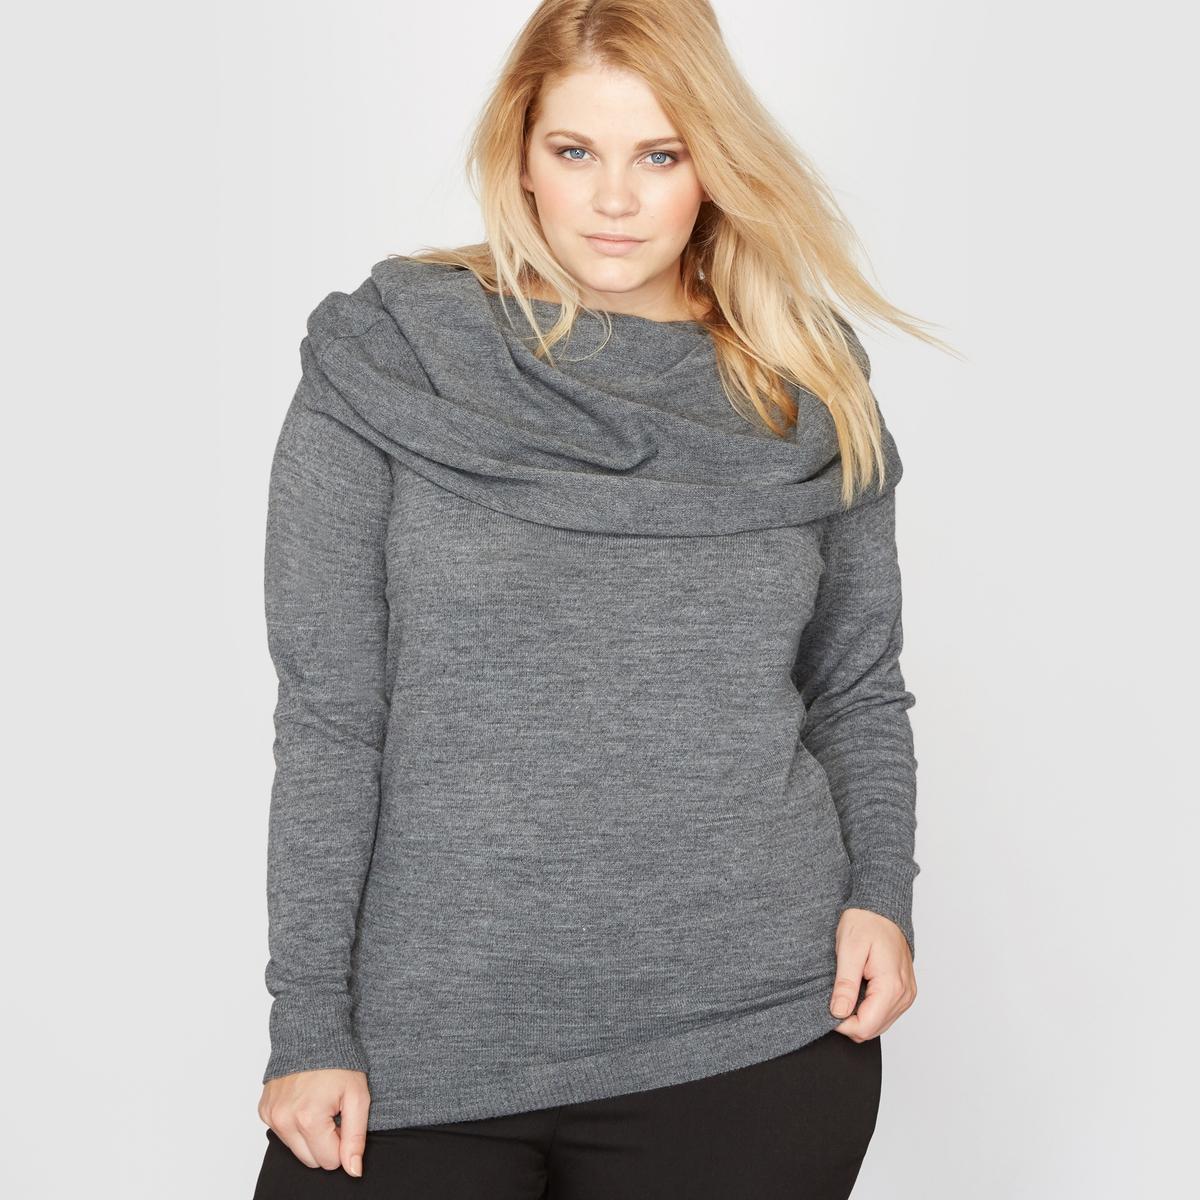 Пуловер с воротником со складкамиСостав и описание :Материал : Трикотаж меланж 80% акрила, 10% шерсти, 5% альпаки, 5% вискозы.Длина : 68 см для 42/44 размера.Марка : CASTALUNA.Уход : - Машинная стирка при 30°С, деликатный режим.<br><br>Цвет: серый меланж